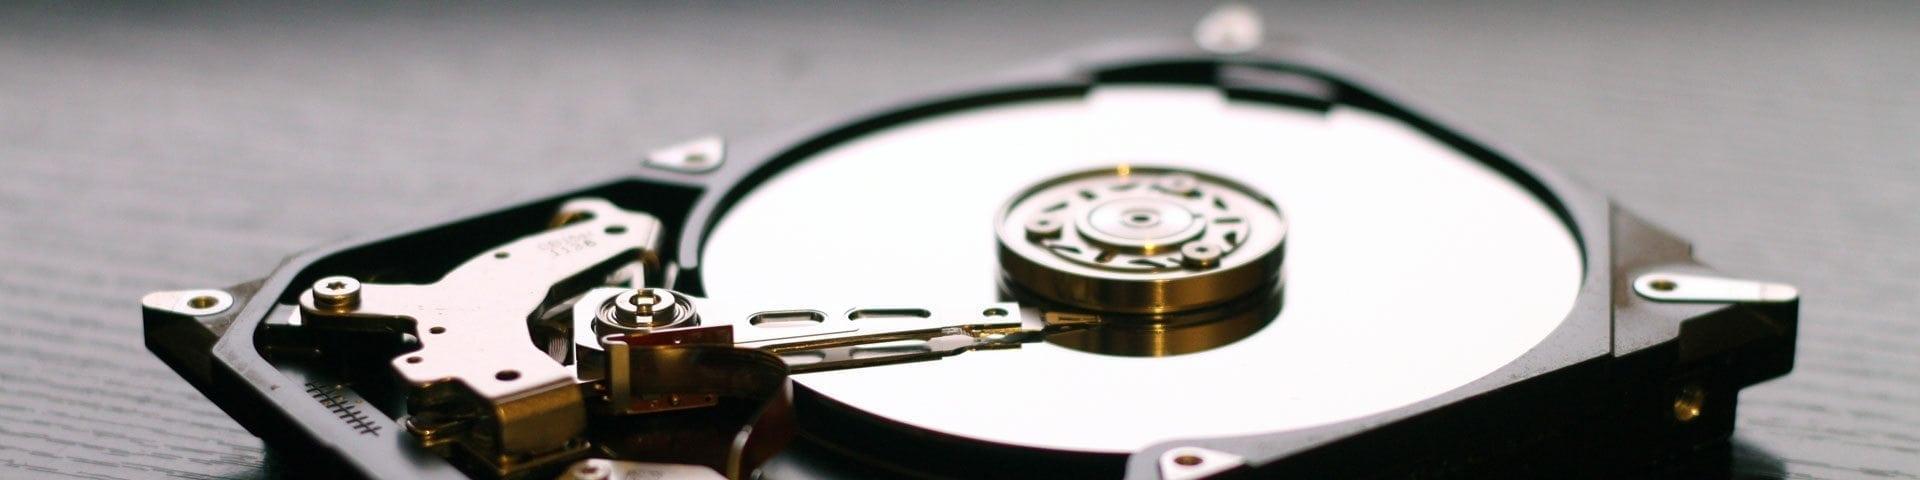 3 backup resguardo informacion